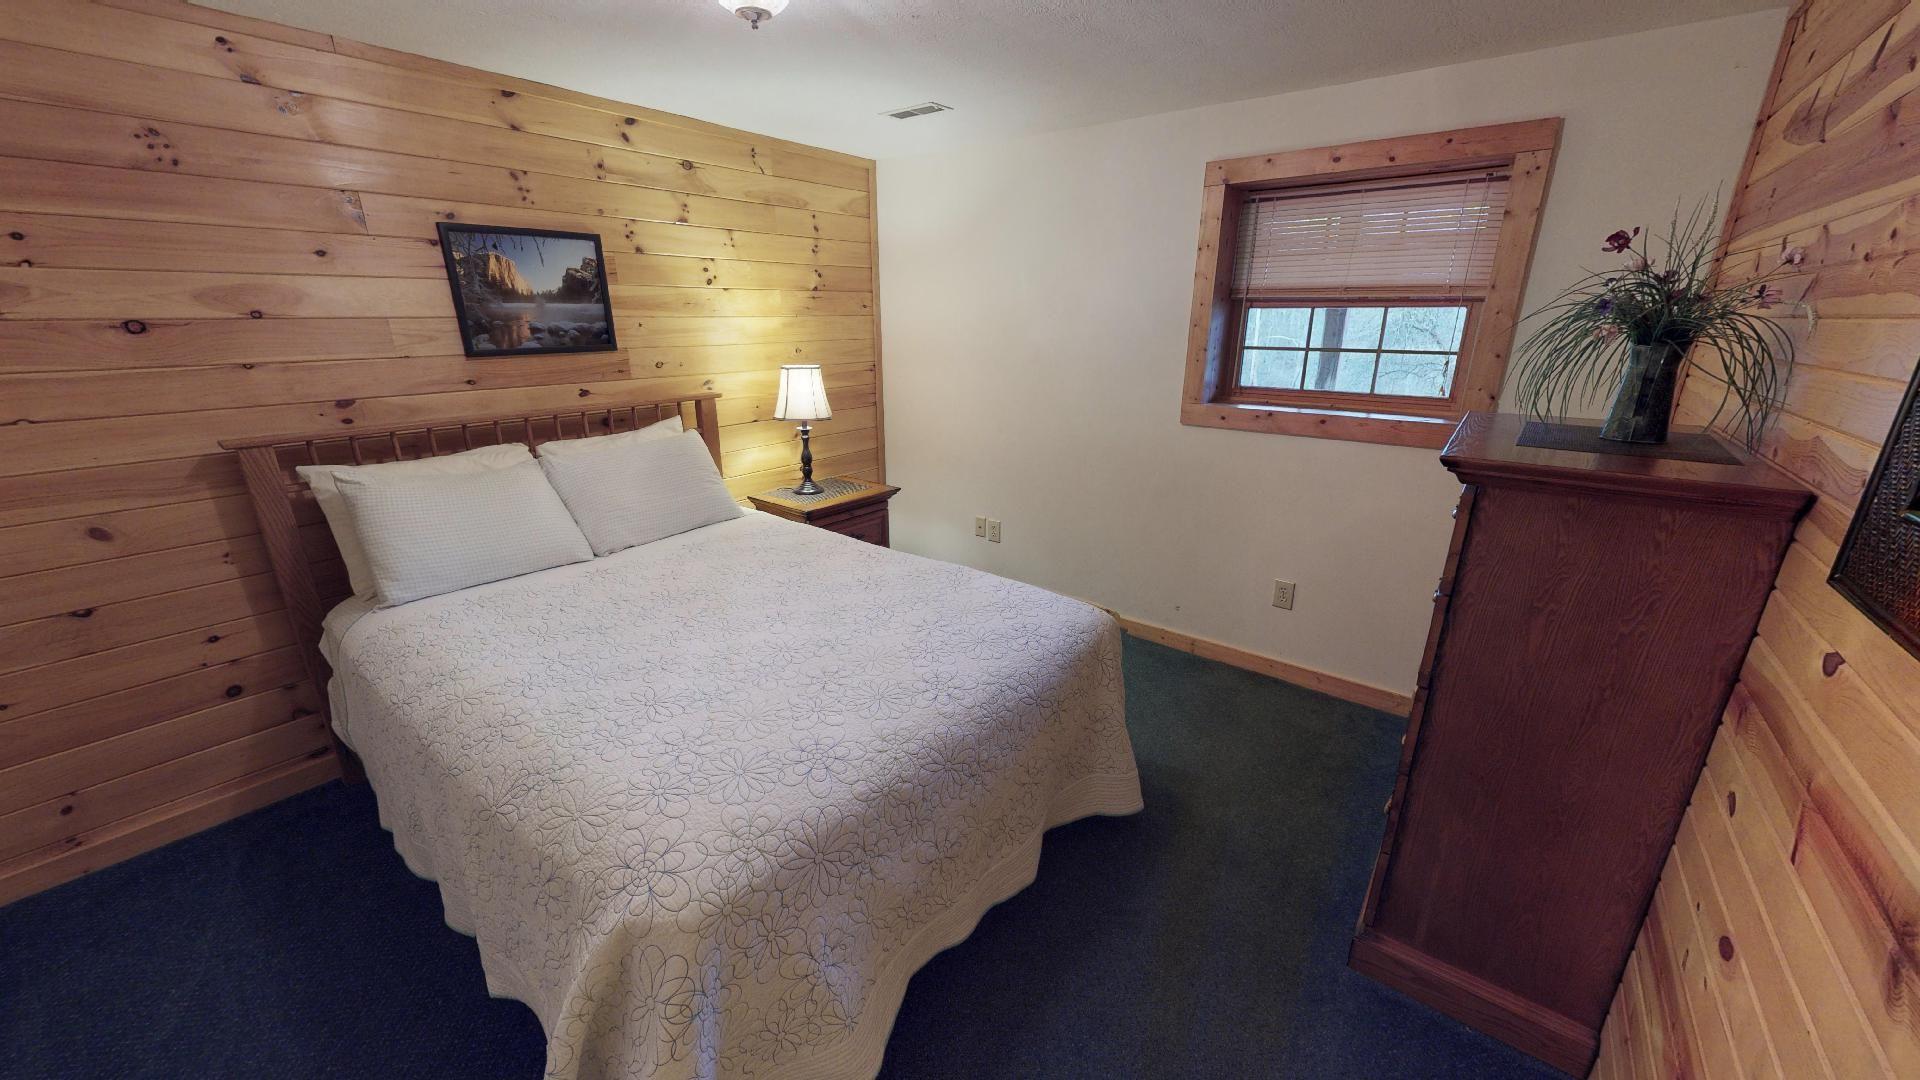 Sunrise Queen Bedroom 3 - Queen bedroom located on lower level